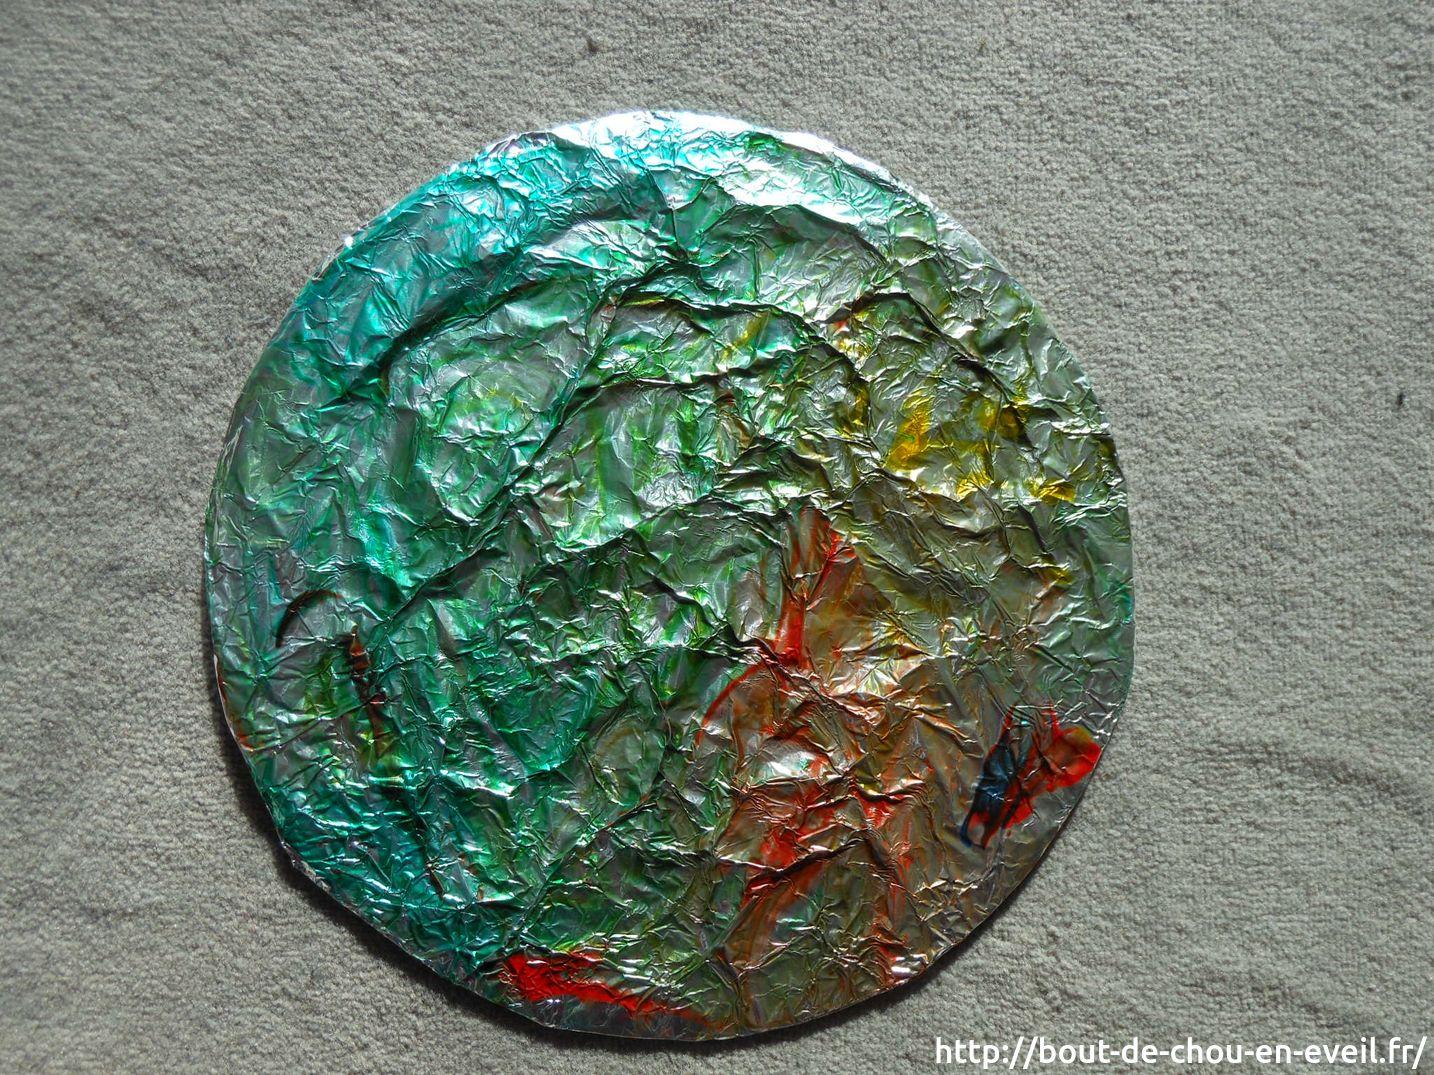 Activit peinture libre sur aluminium bout de chou en veil - Peindre sur de la peinture brillante ...